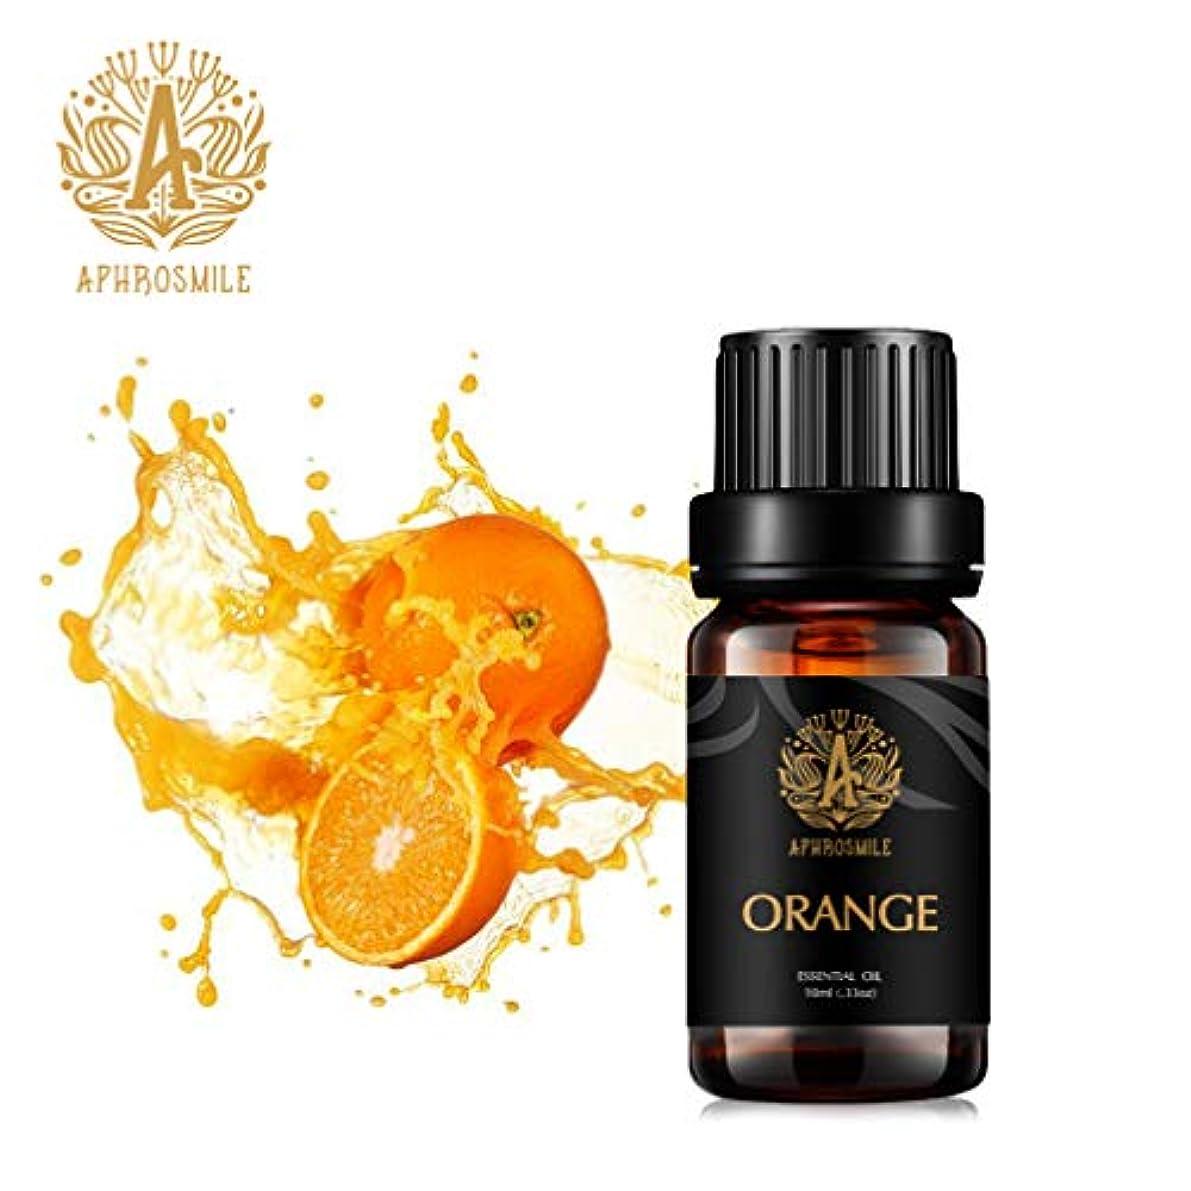 待つ邪悪な退却オレンジエッセンシャルオイル、100%ピュアアロマエッセンシャルオイルオレンジ香り、怒りを和らげる、治療用グレードエッセンシャルオイルオレンジの香り、為にディフューザー、マッサージ、加湿器、デイリーケア、0.33オンス-...